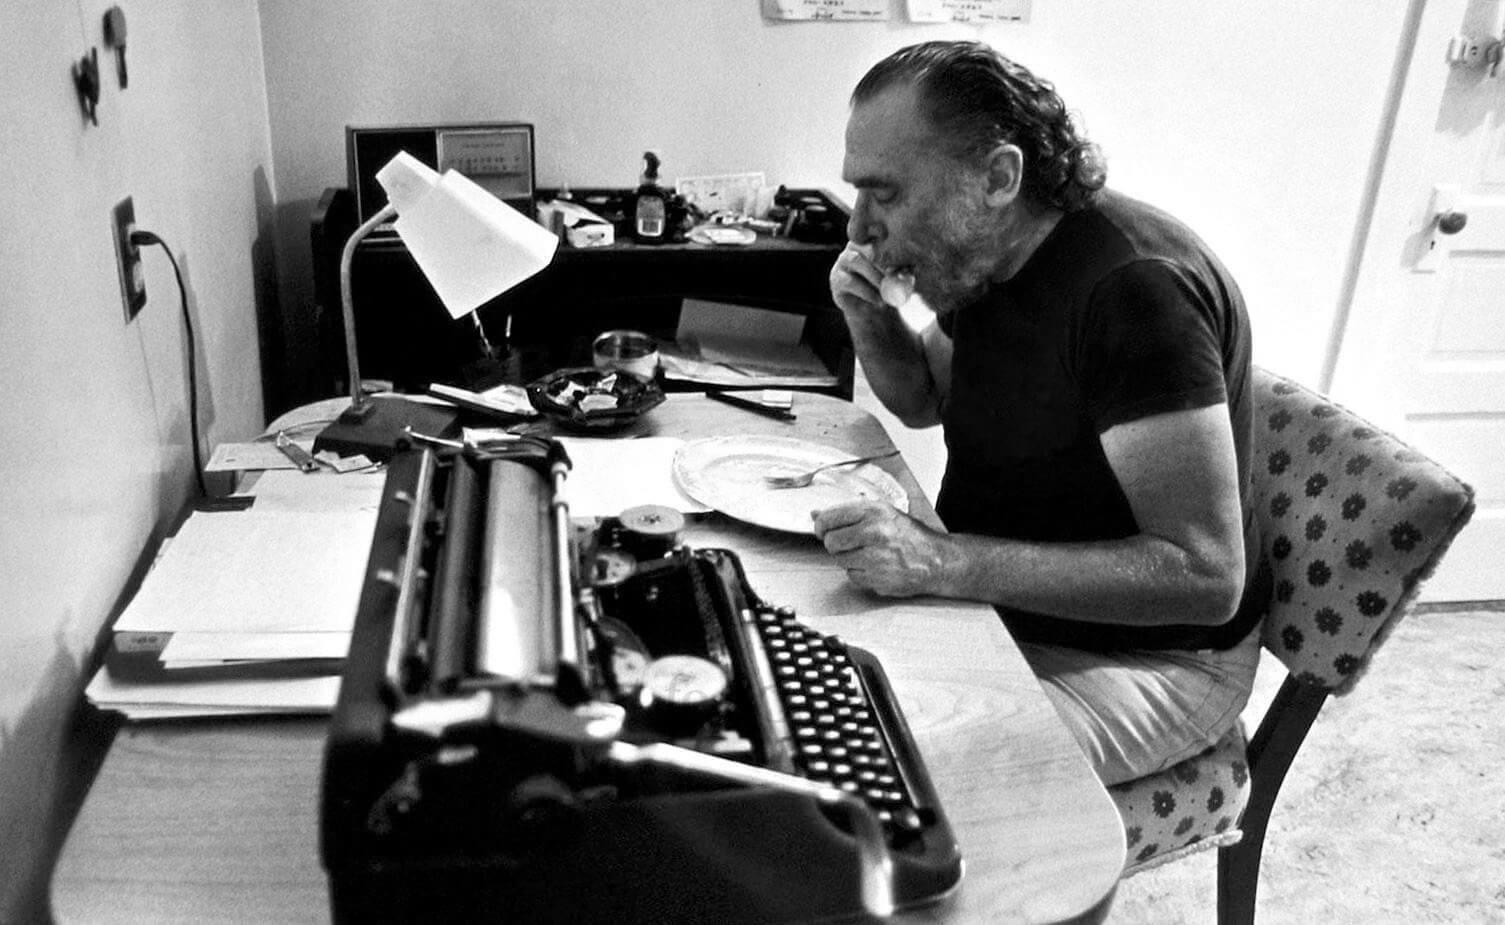 «Яемзасвоим письменным столом, вэтом секрет моего бессмертия». Источник: bukowski.net